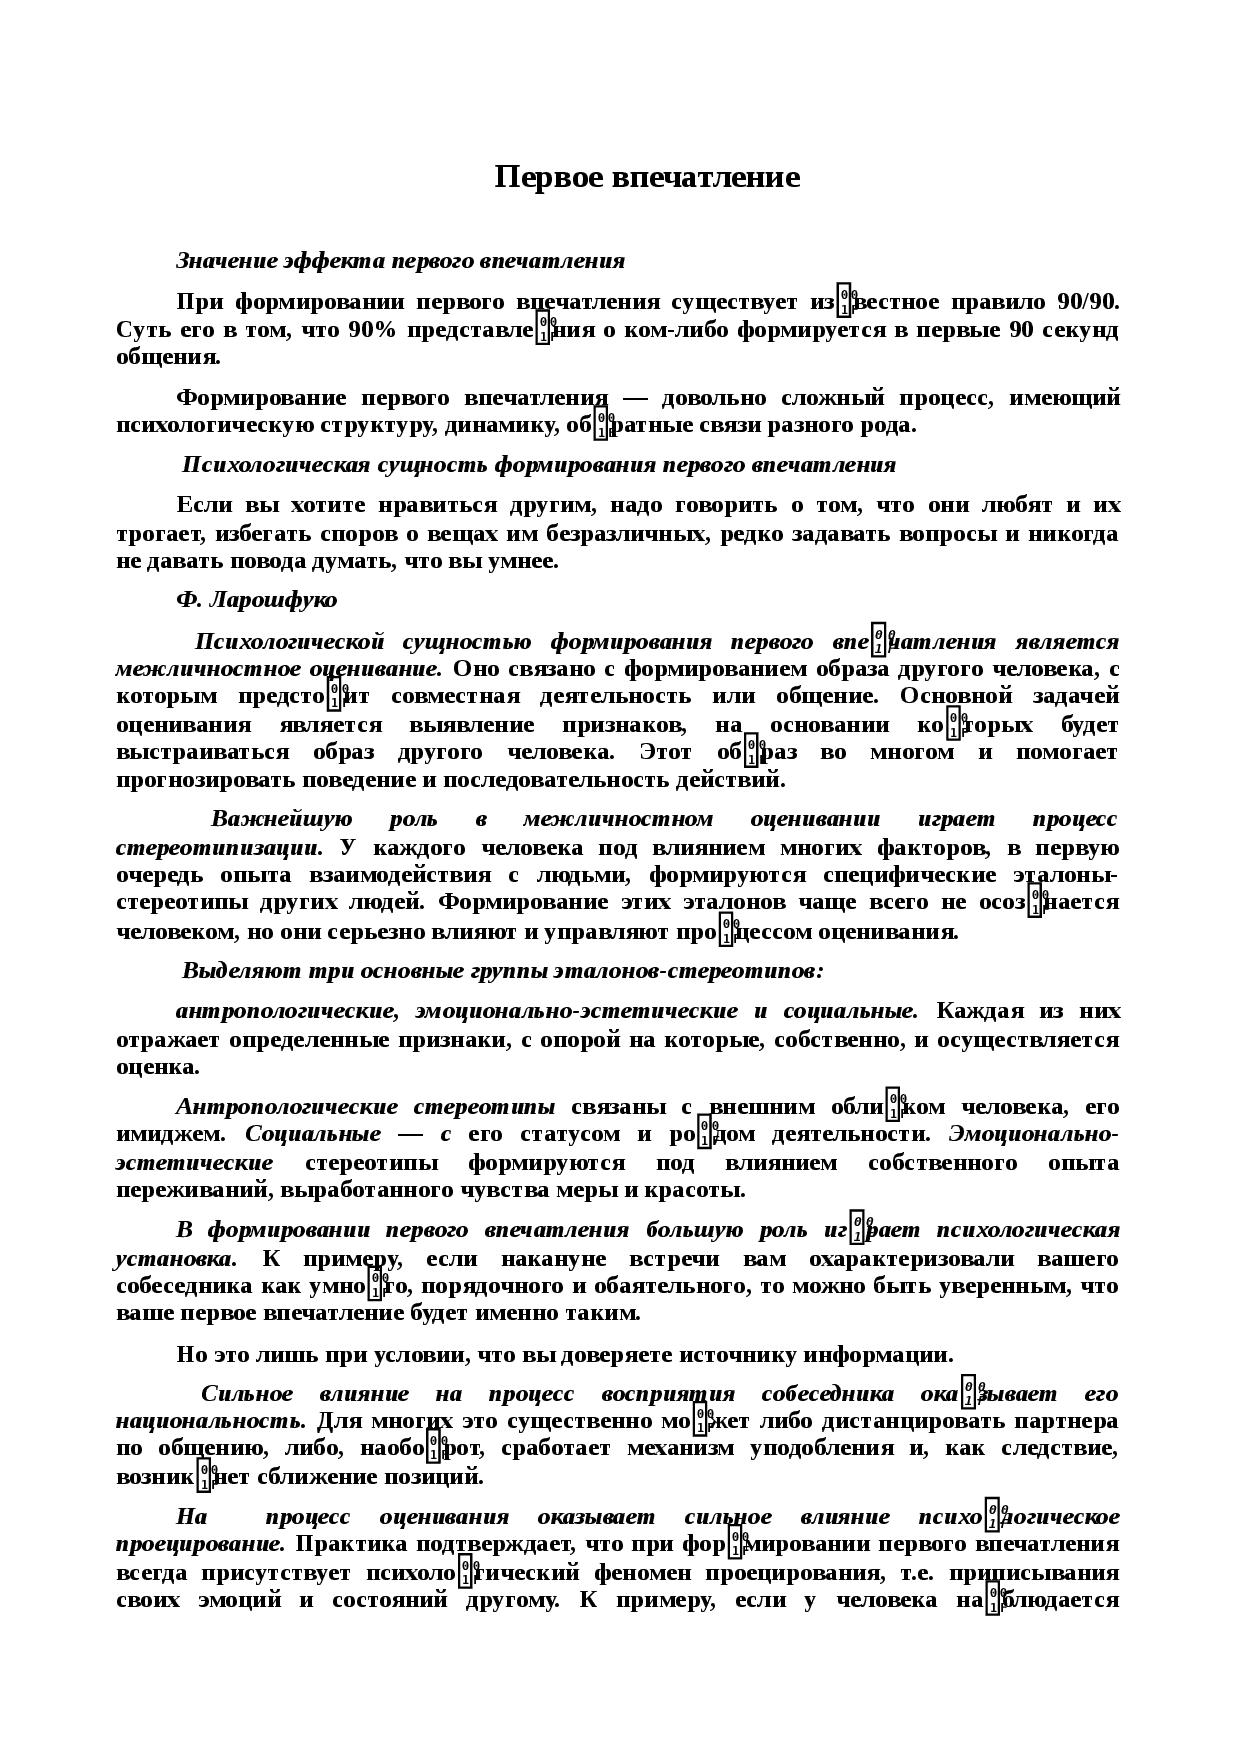 Первое впечатление (психология) - first impression (psychology) - qwe.wiki